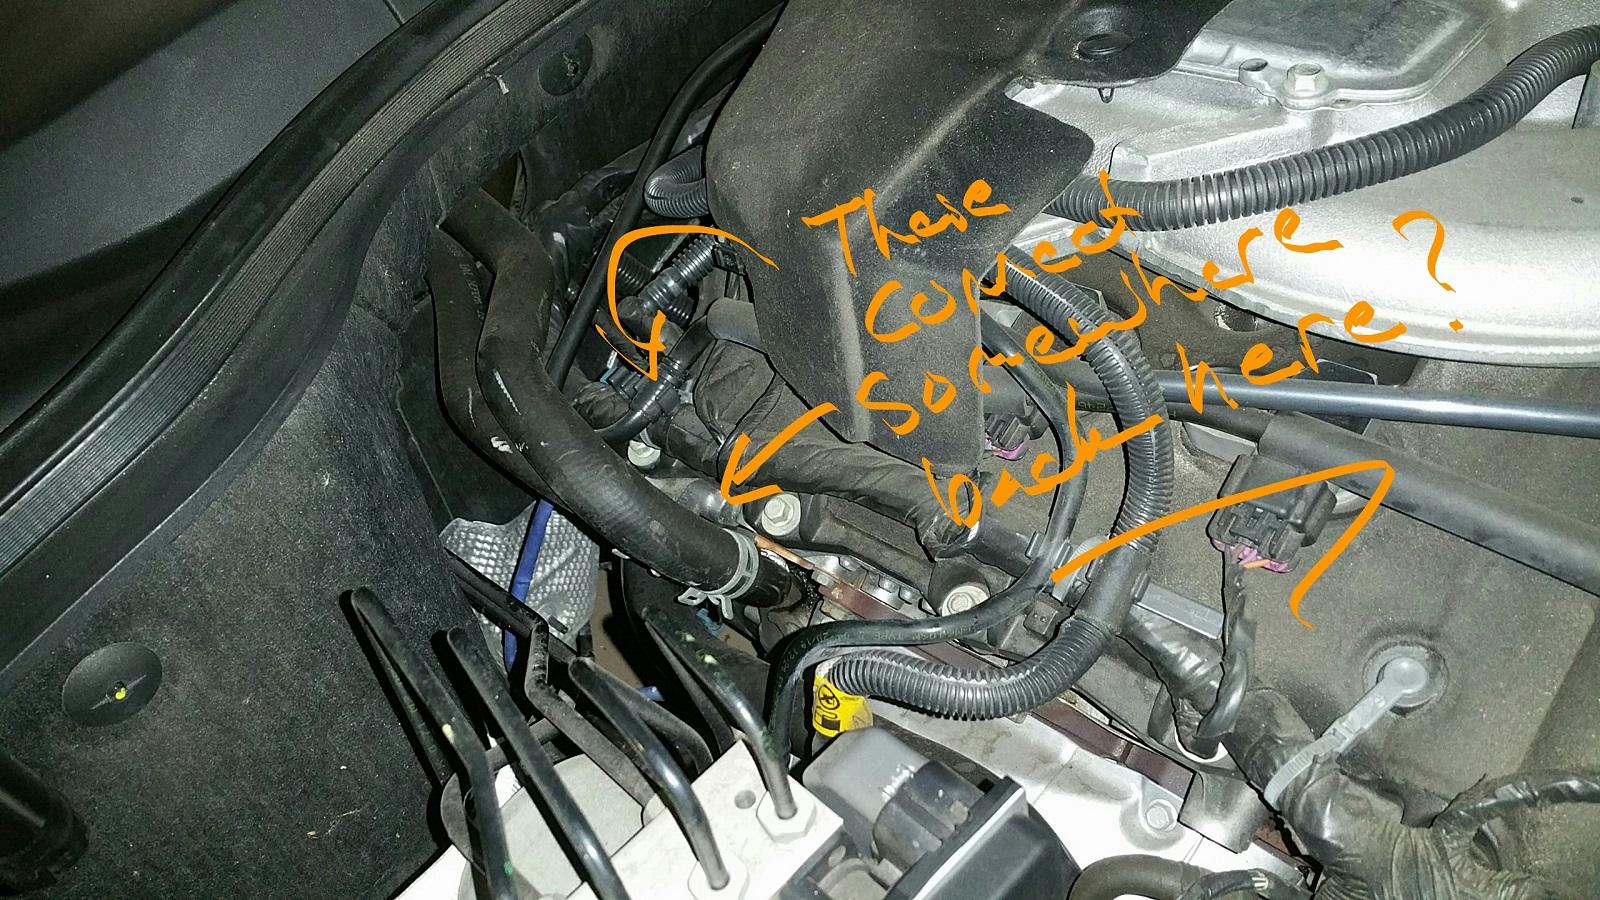 Coolant Leak On Passenger Side 2011 Lt V6 Camaro5 Chevy